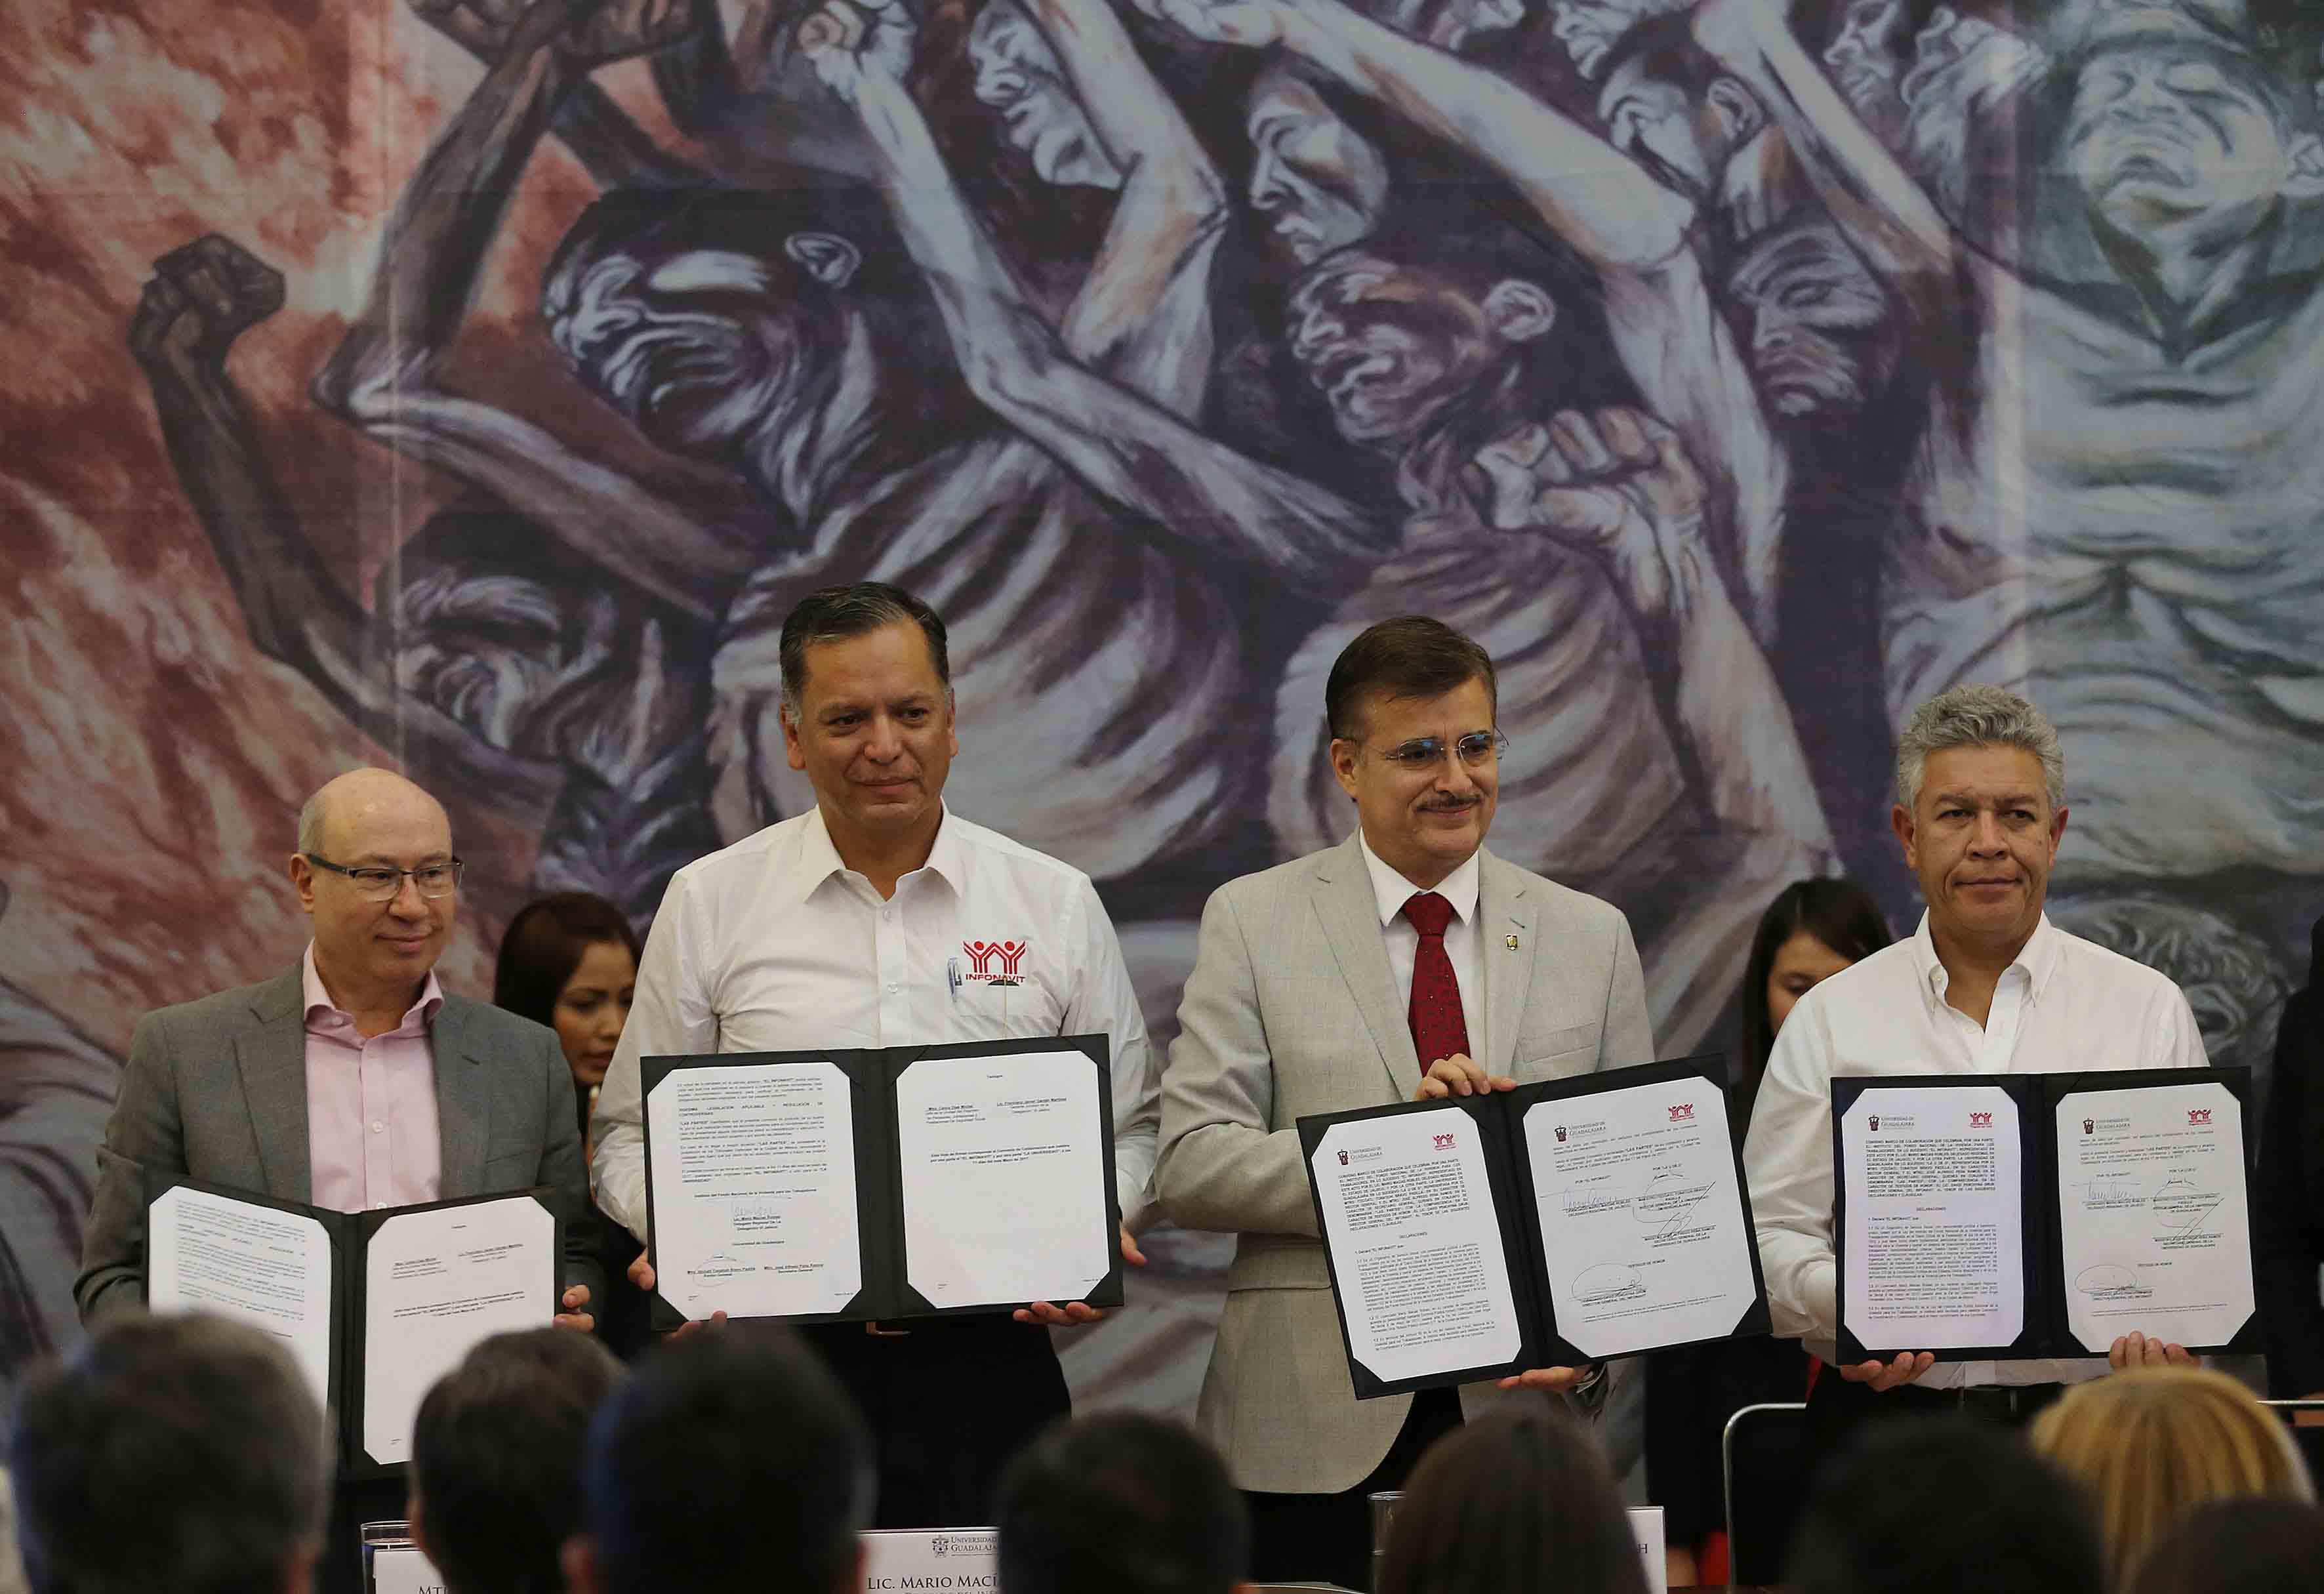 Autoridades universitarias y de infonavit, mostrando el convenio de colaboración firmado para transferir conocimiento de investigación y asesoría crediticia.